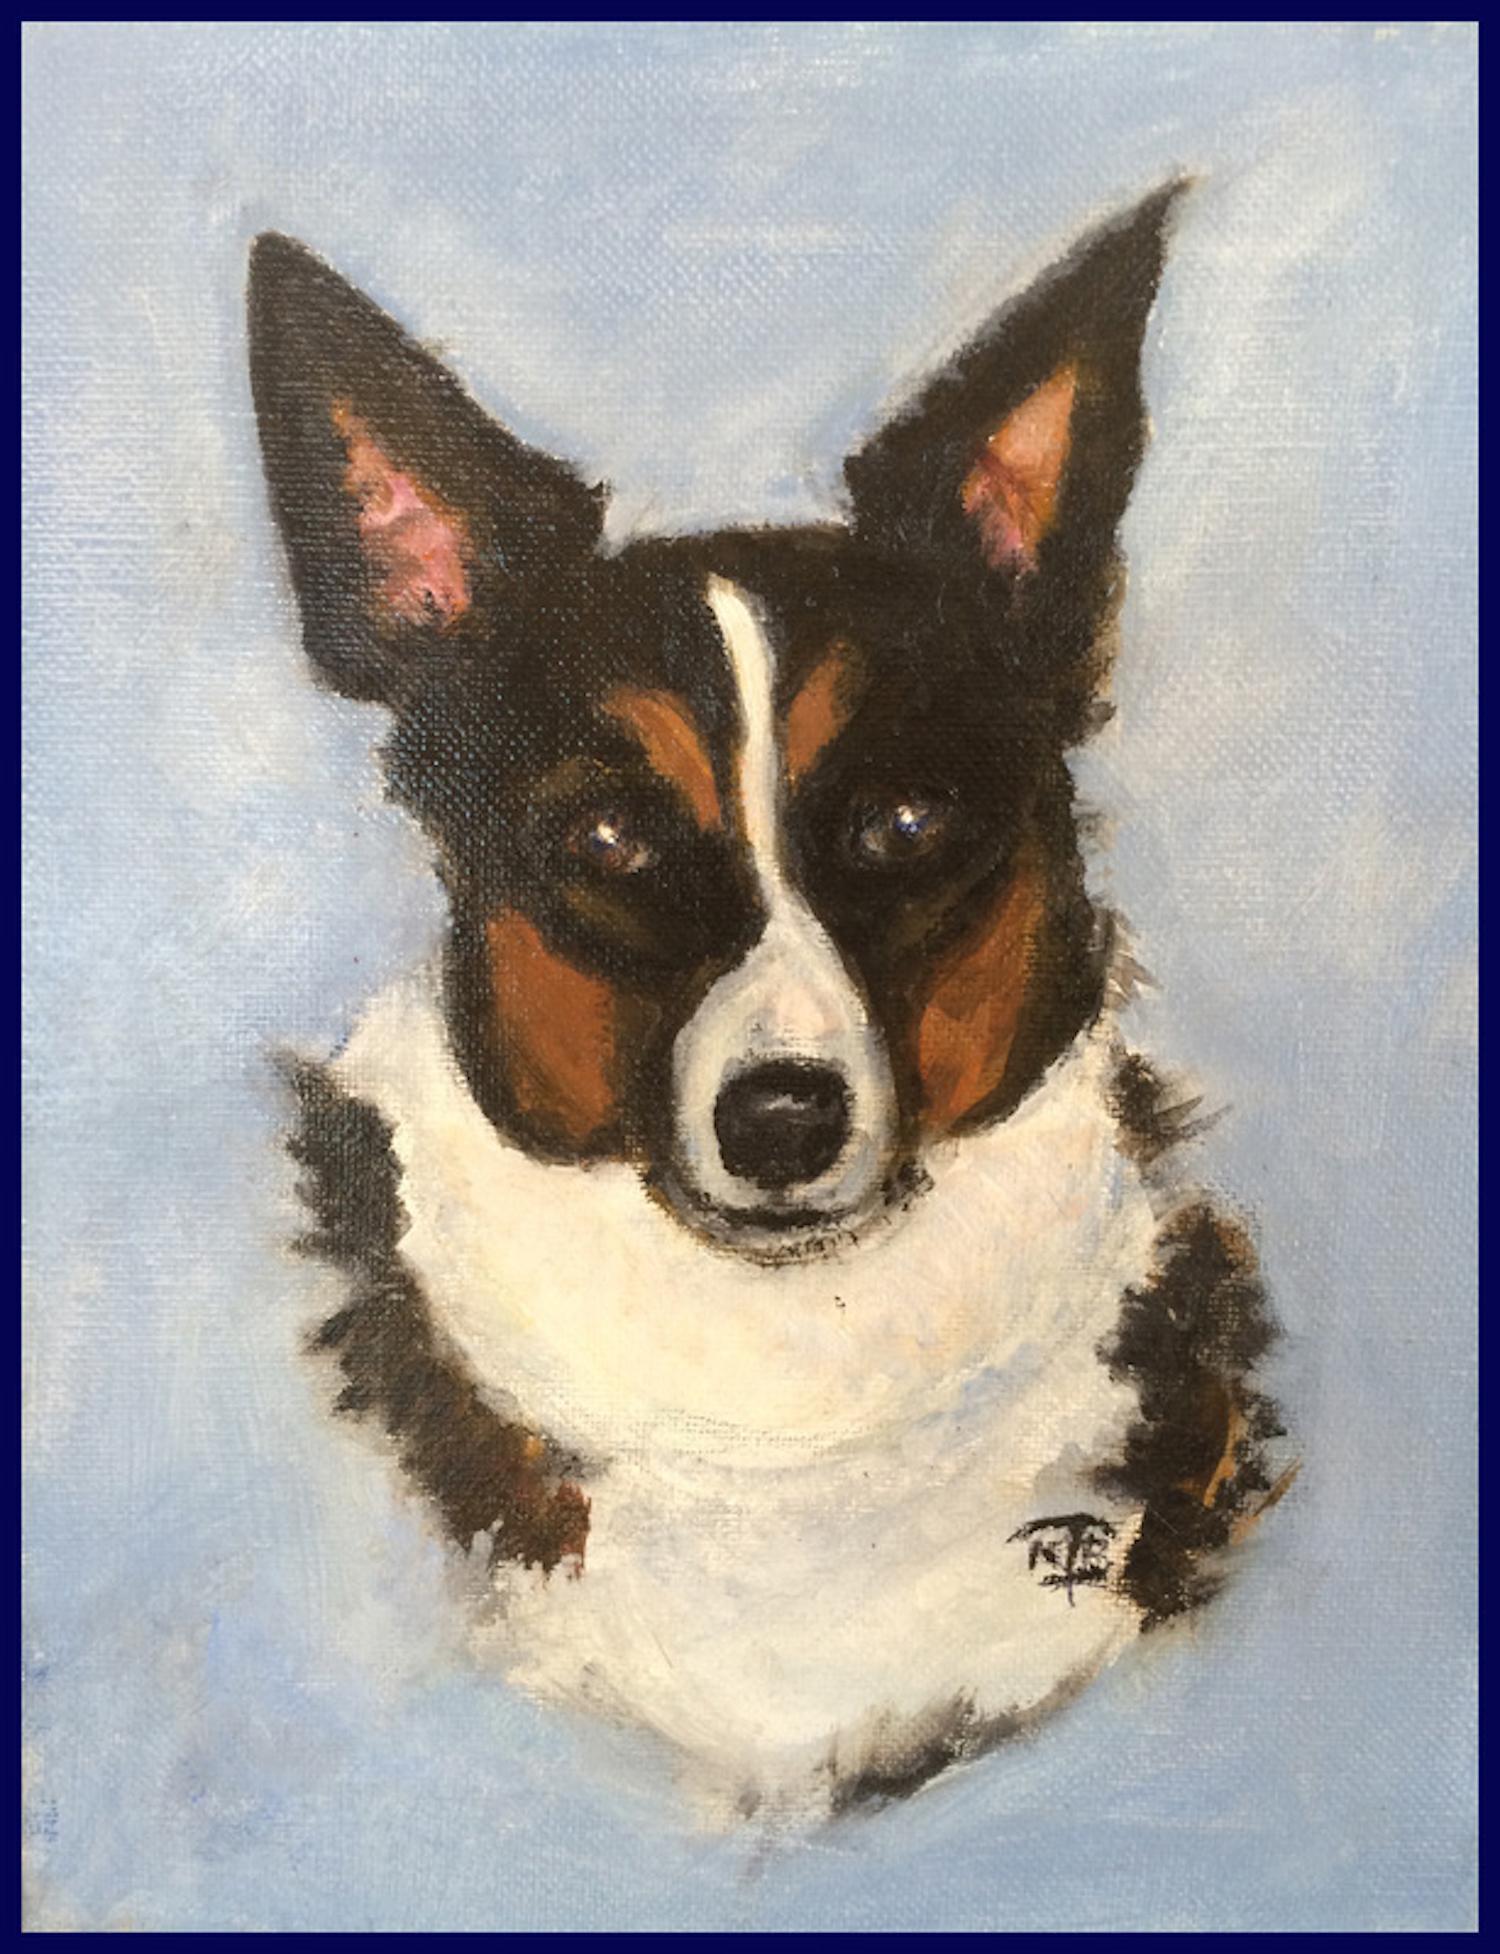 Zipper-watercolor-portrait-byKathryn-Beam-Troxler7889409_orig.jpg